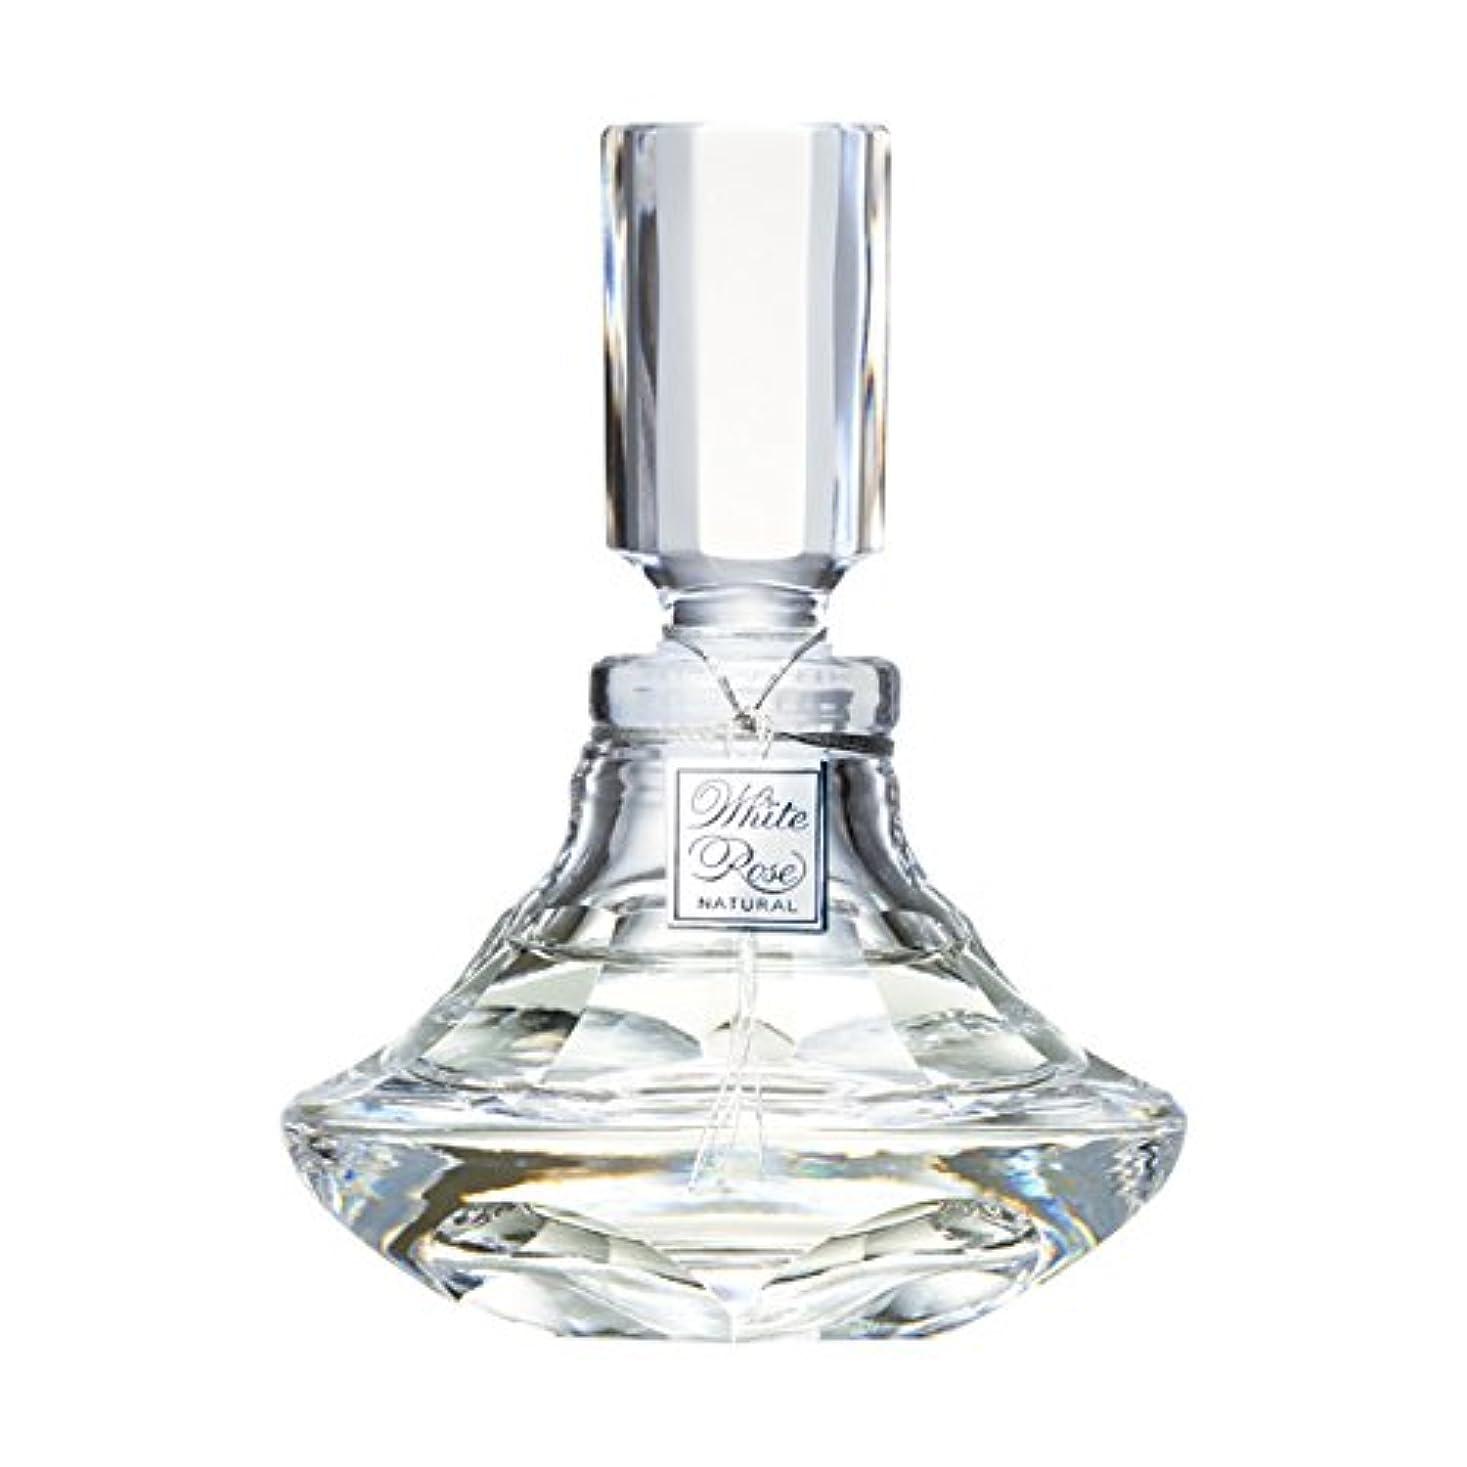 物理的な大使館男らしさ資生堂香水 ホワイトローズナチュラル 32mL